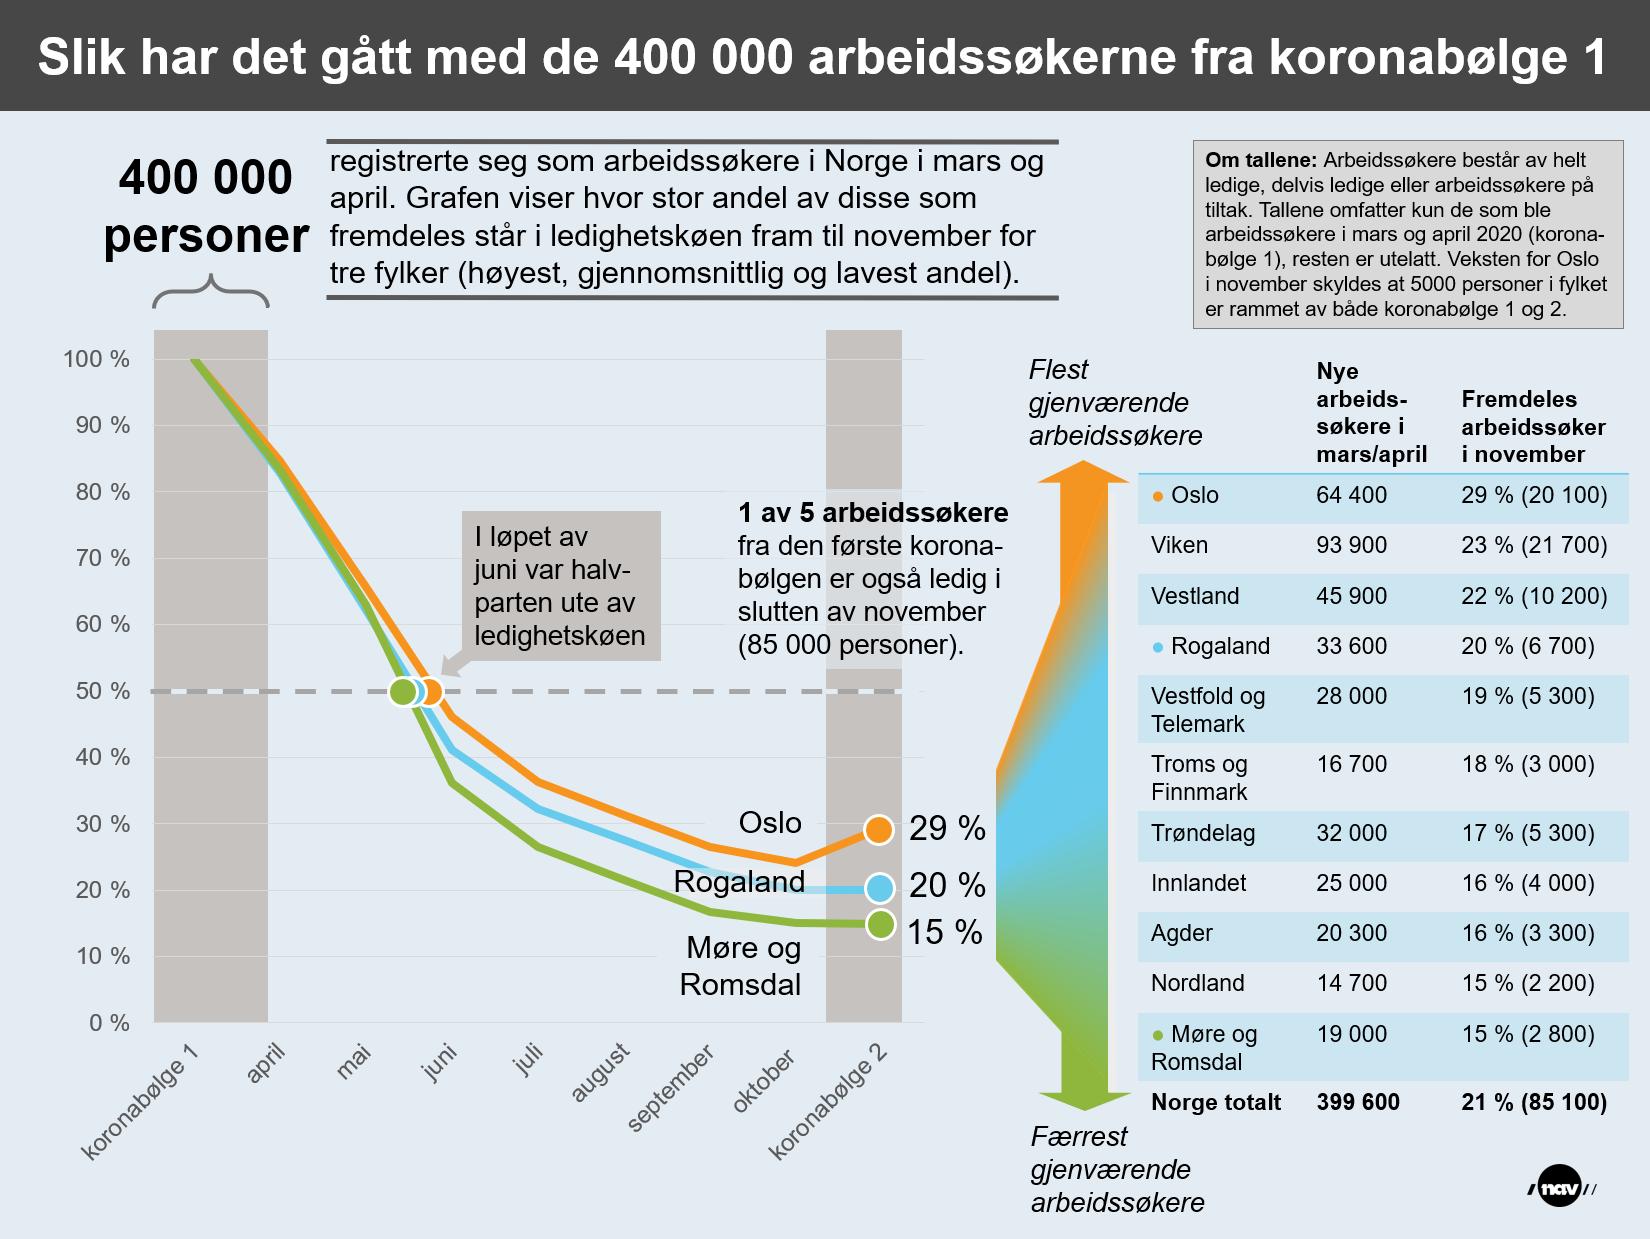 Infografikk som viser utviklingen i arbeidsledighet for de 400 000 arbeidssøkerne fra koronabølge 1.